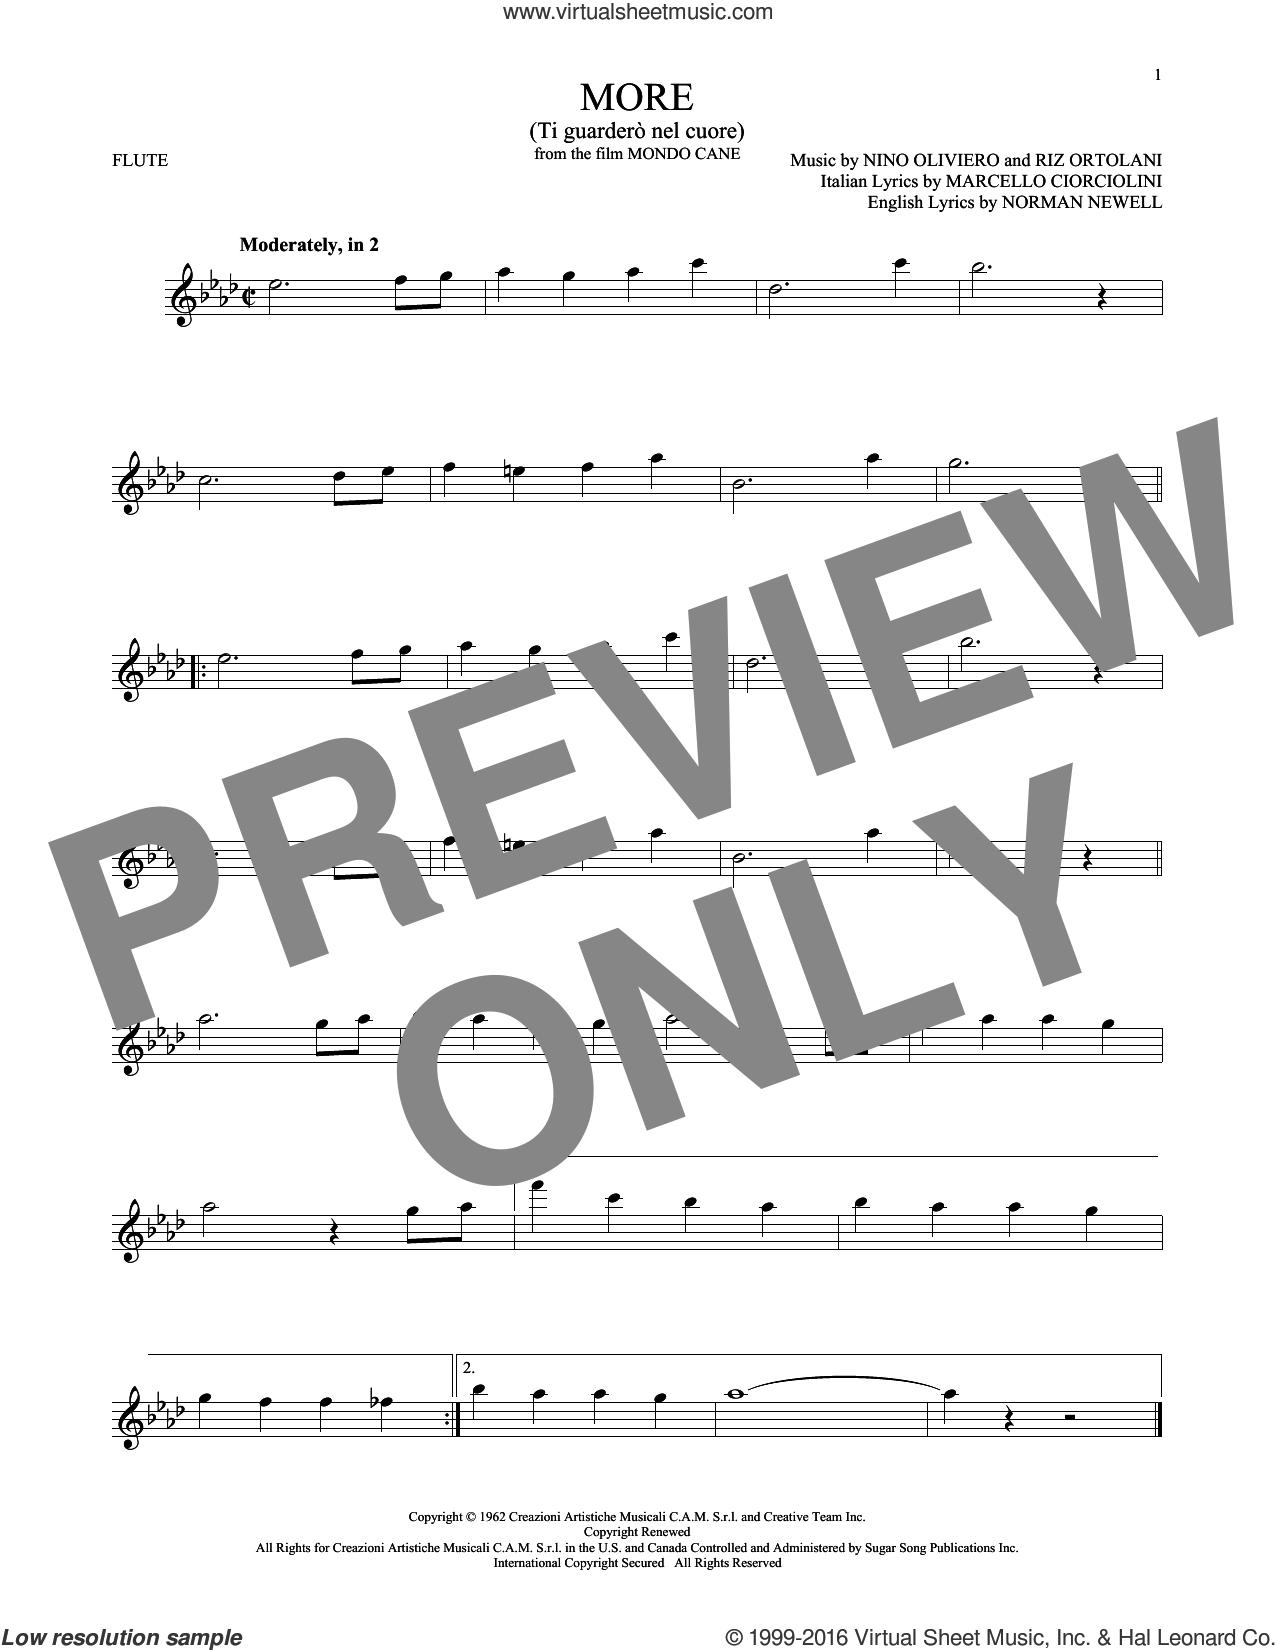 More (Ti Guardero Nel Cuore) sheet music for flute solo by Norman Newell, Kai Winding, Marcello Ciorciolini, Nino Oliviero and Riz Ortolani, intermediate skill level